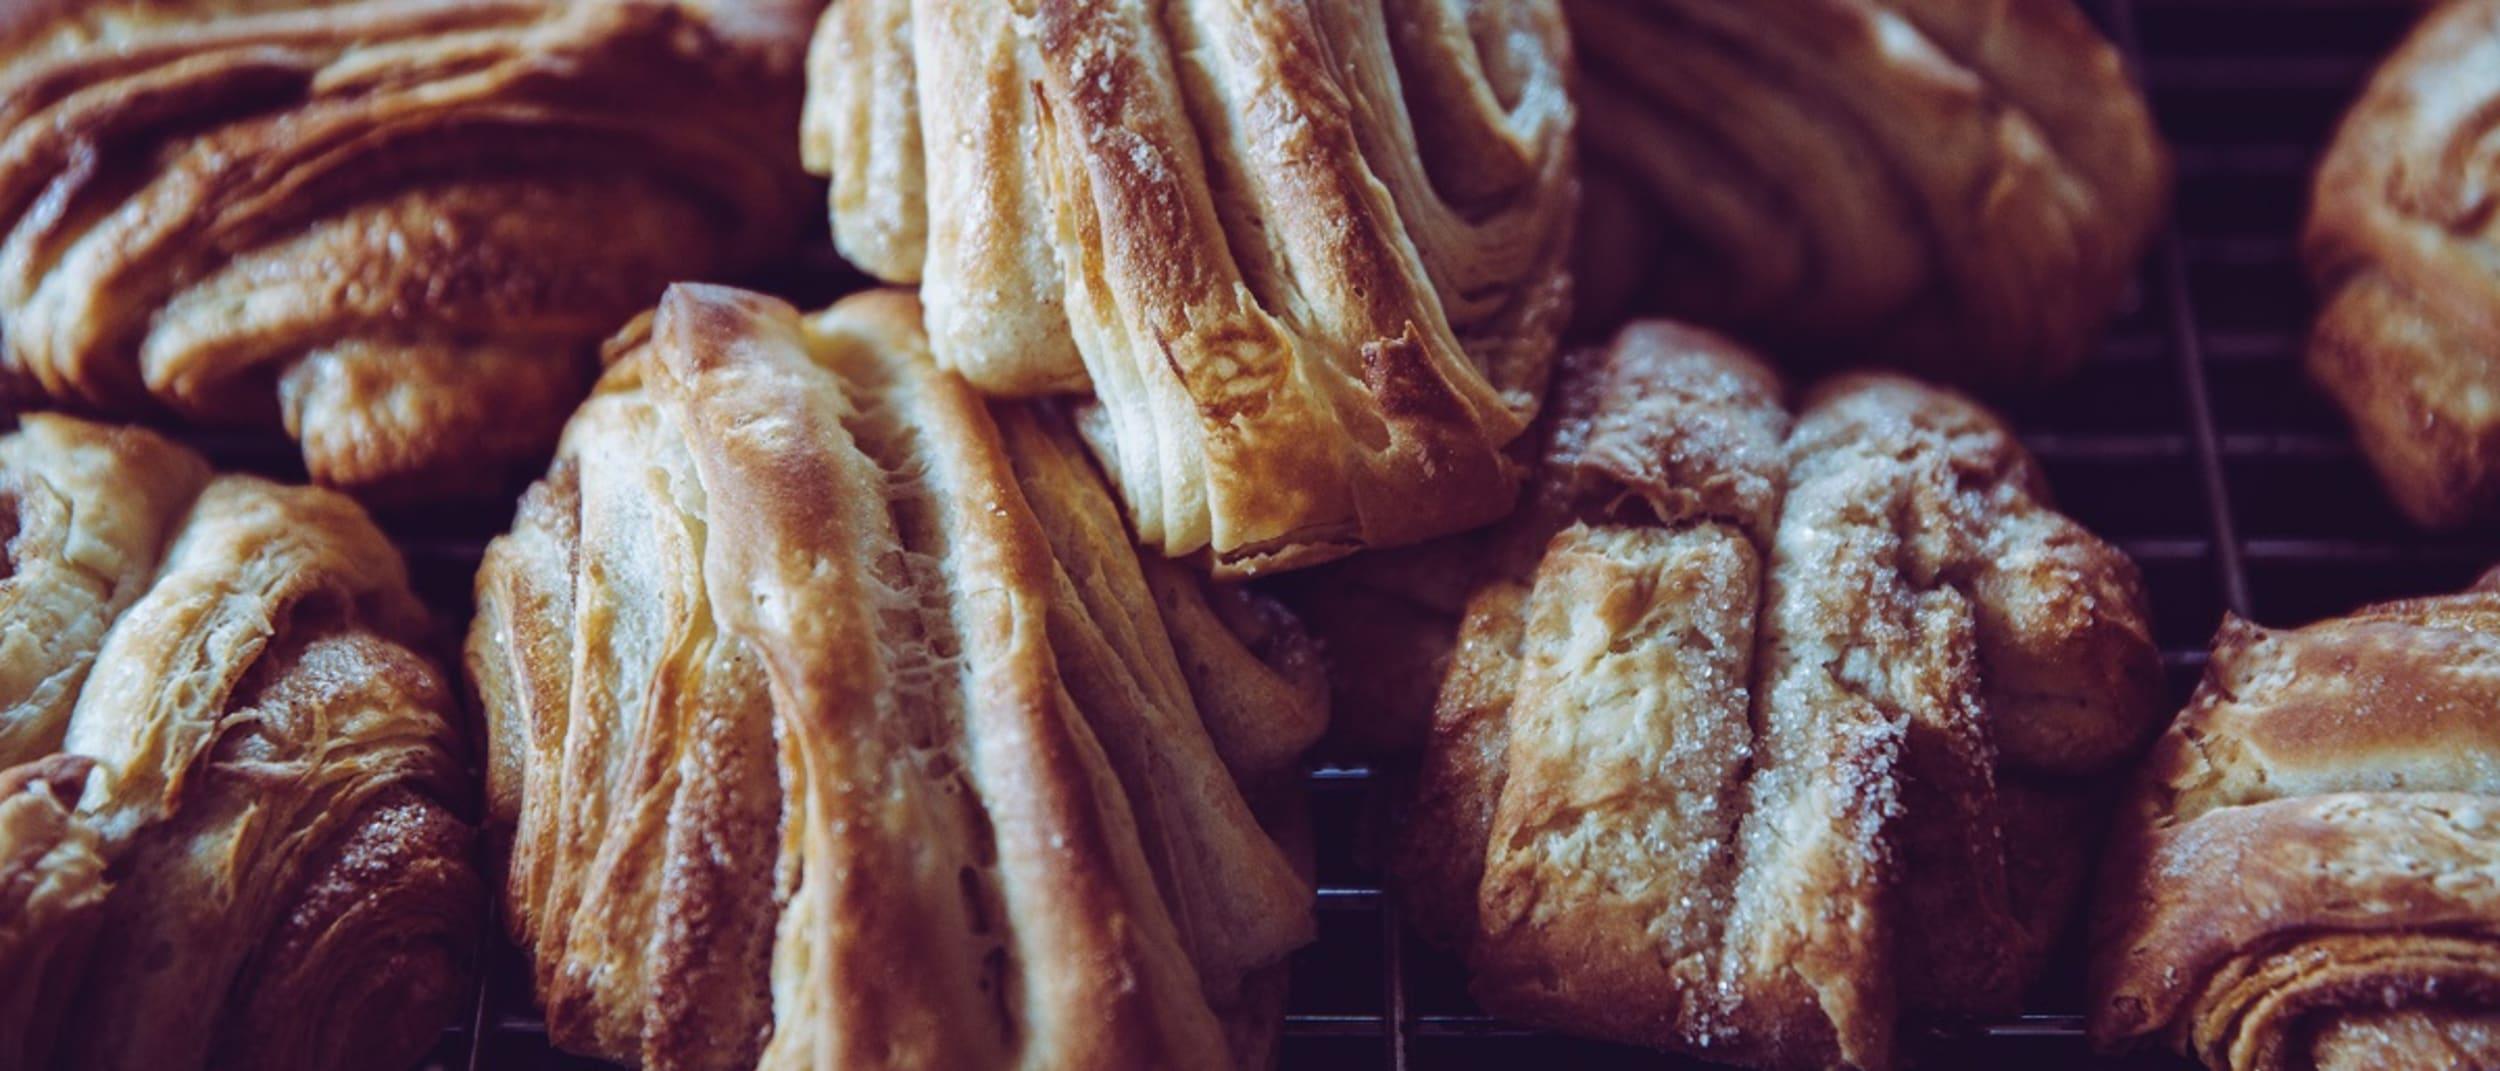 Soul Origin: Danish pastries